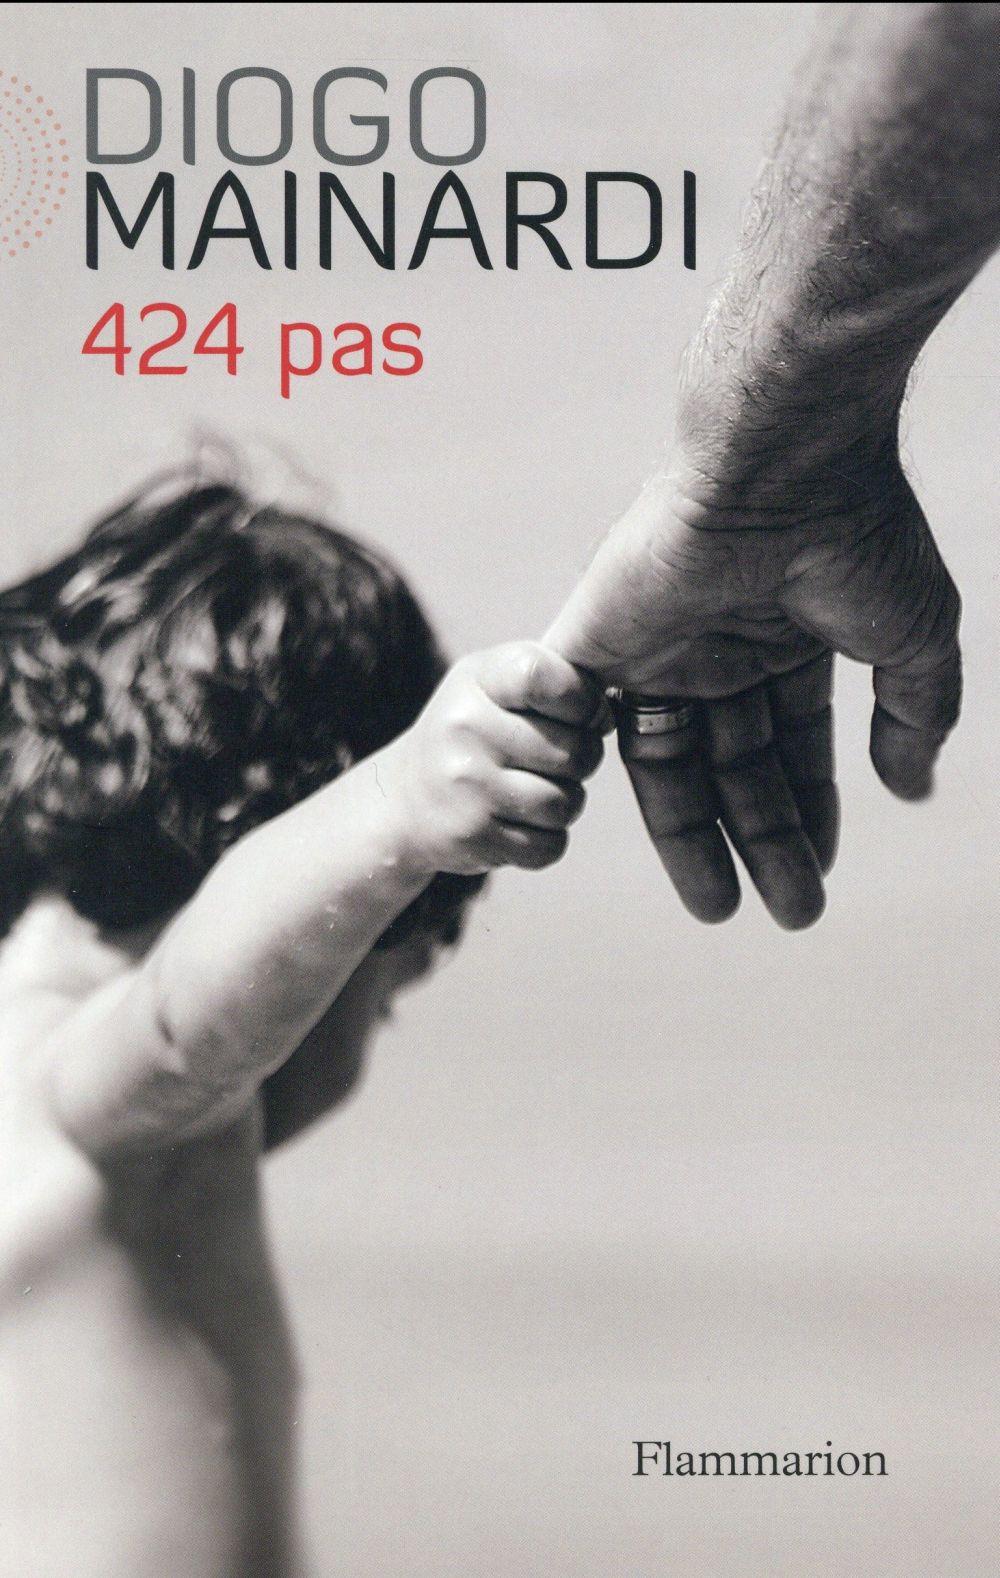 424 pas